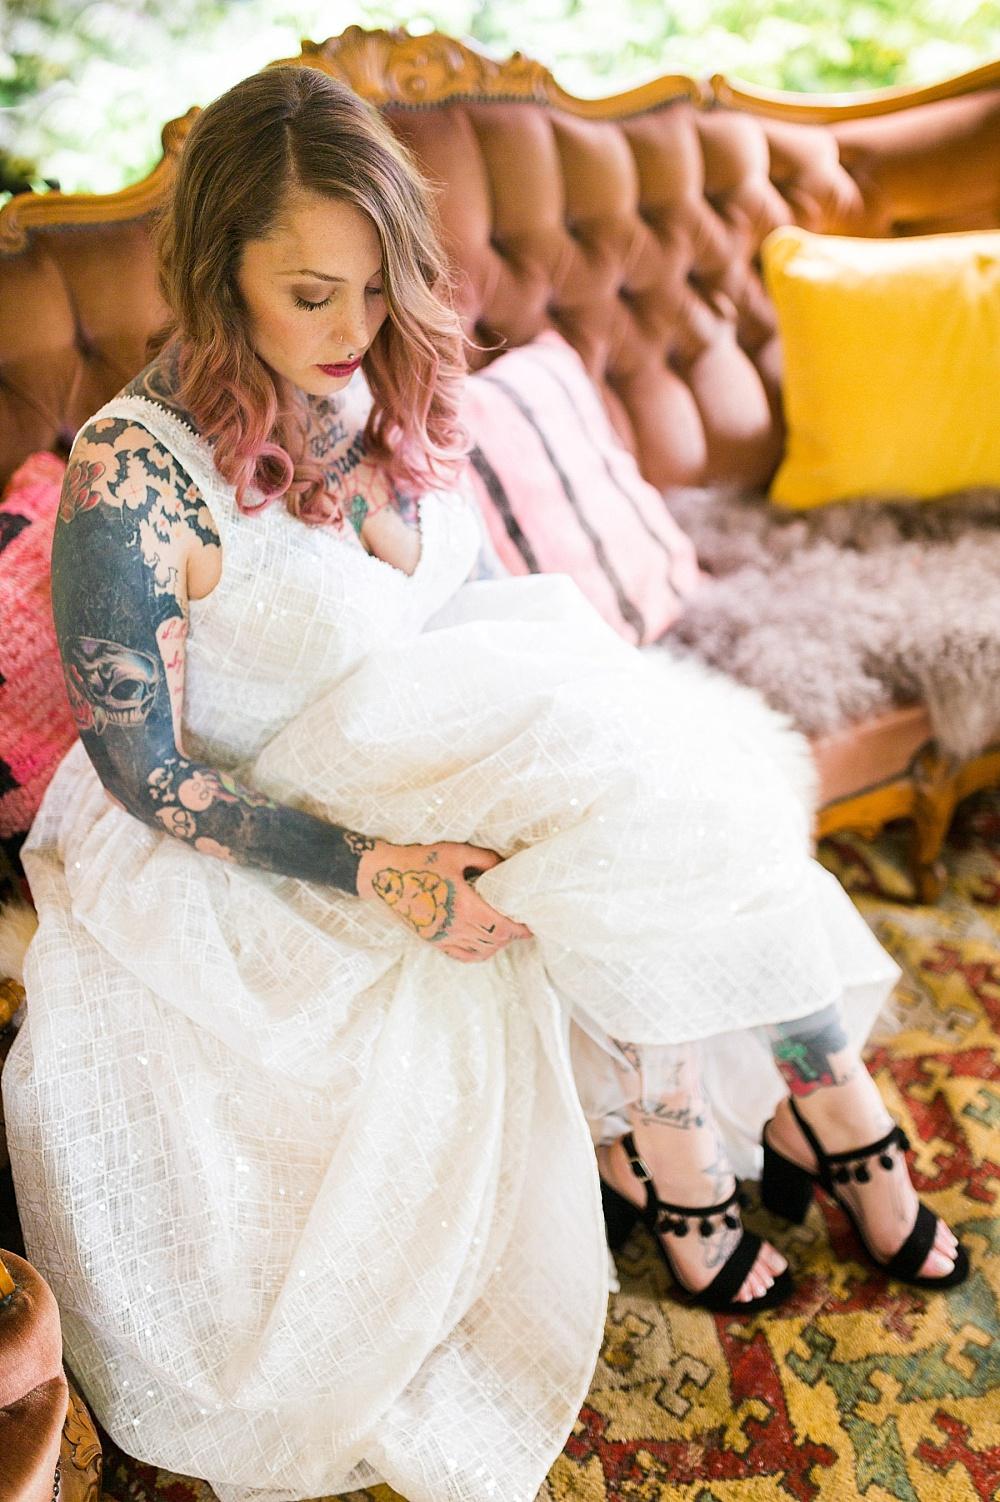 Braut mit Tattoo, Festival Hochzeit BRautkleid, Festival Hochzeit mit Tattoos, Brautkleid Tattoos